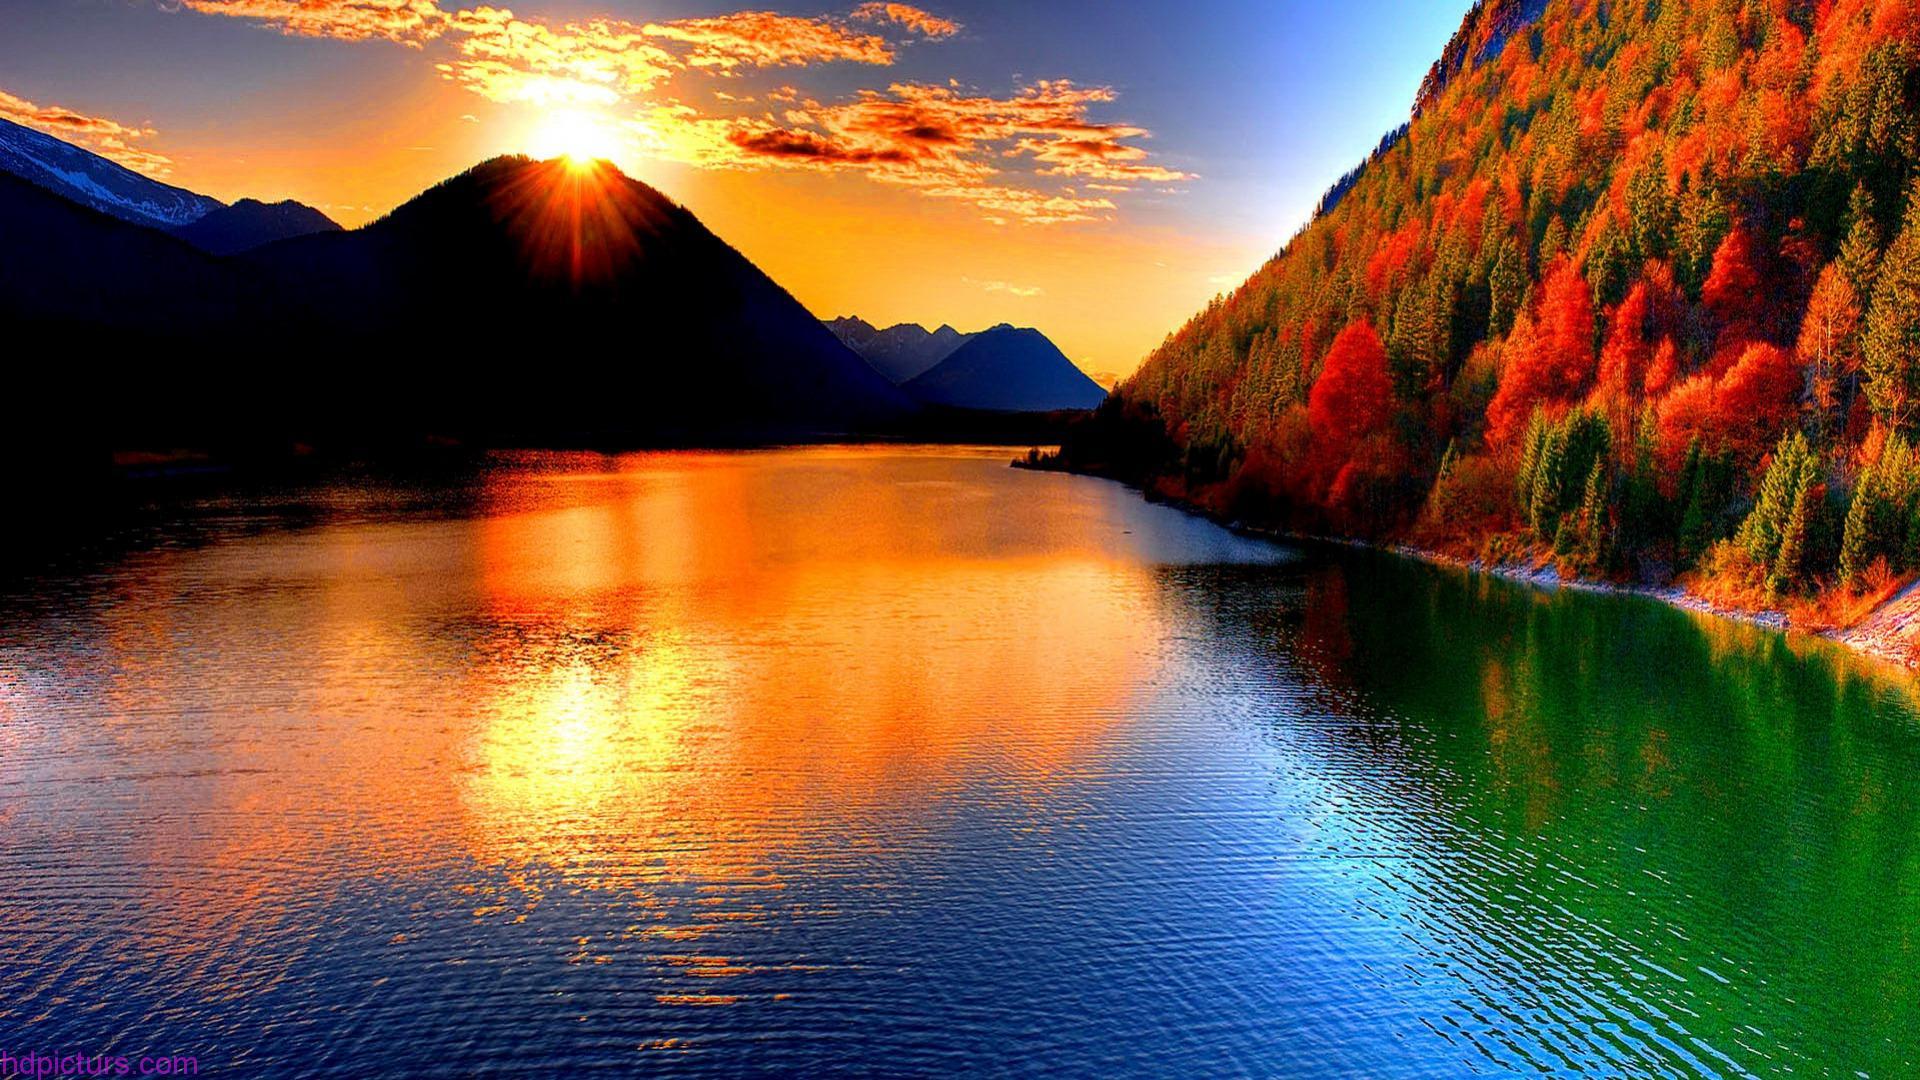 صور صور مناظر طبيعية hd , شاهد اروع منظر طبيعي بافضل جودة